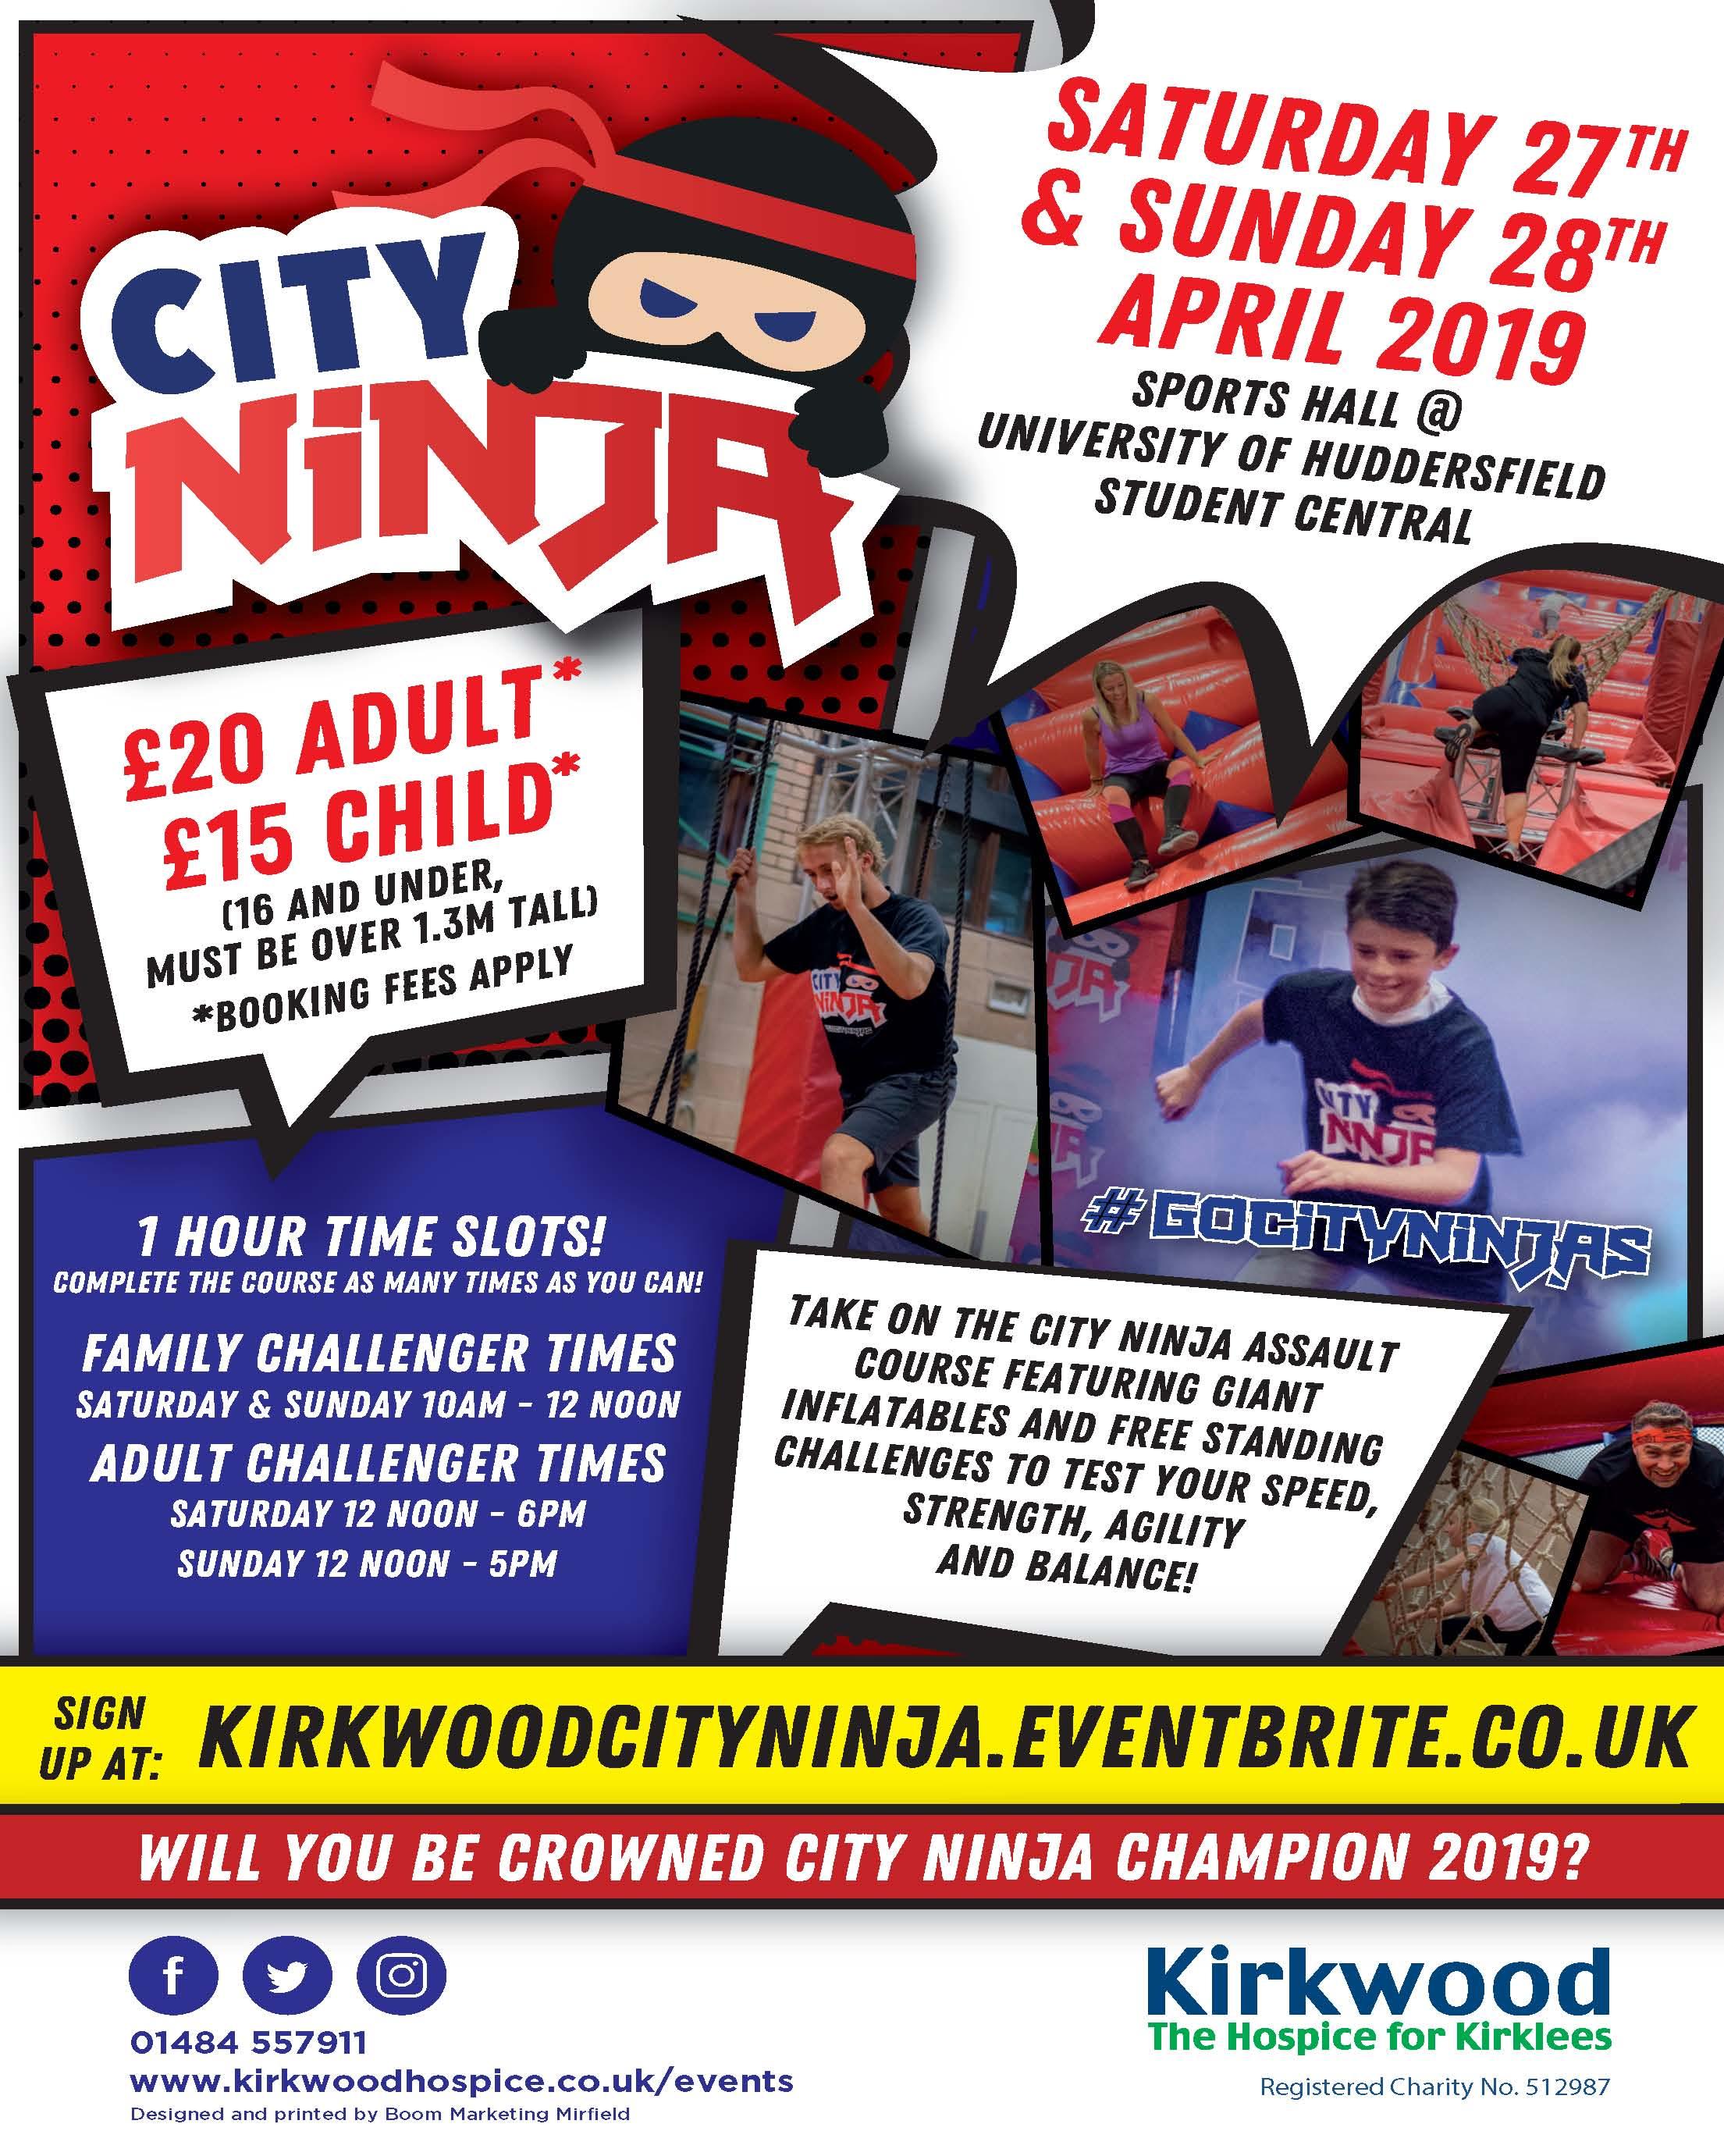 City Ninja leaflet